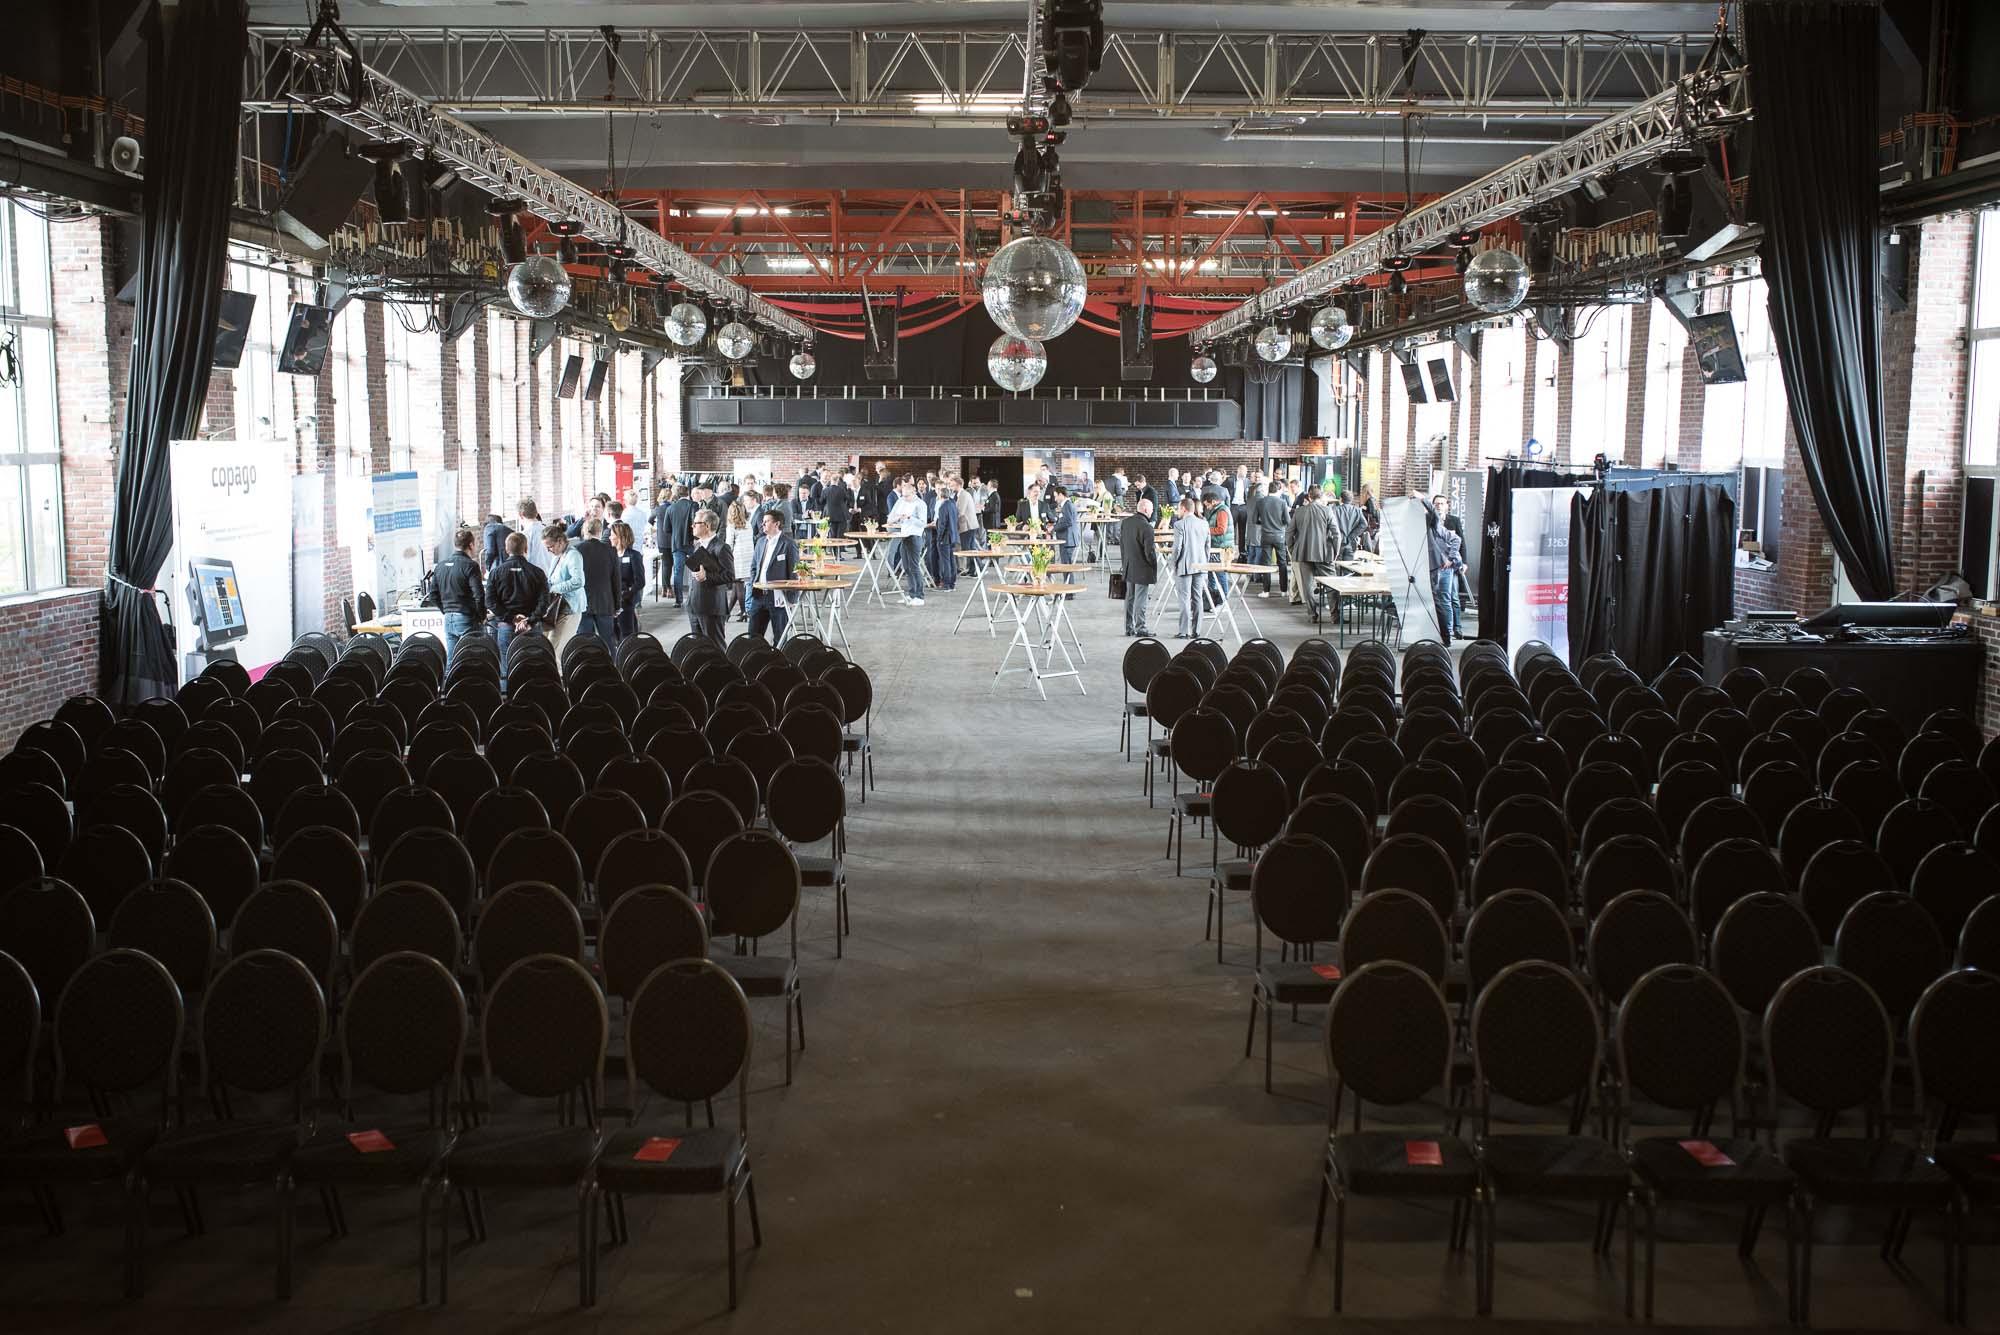 Blick von der Bühne des Stahlwerks